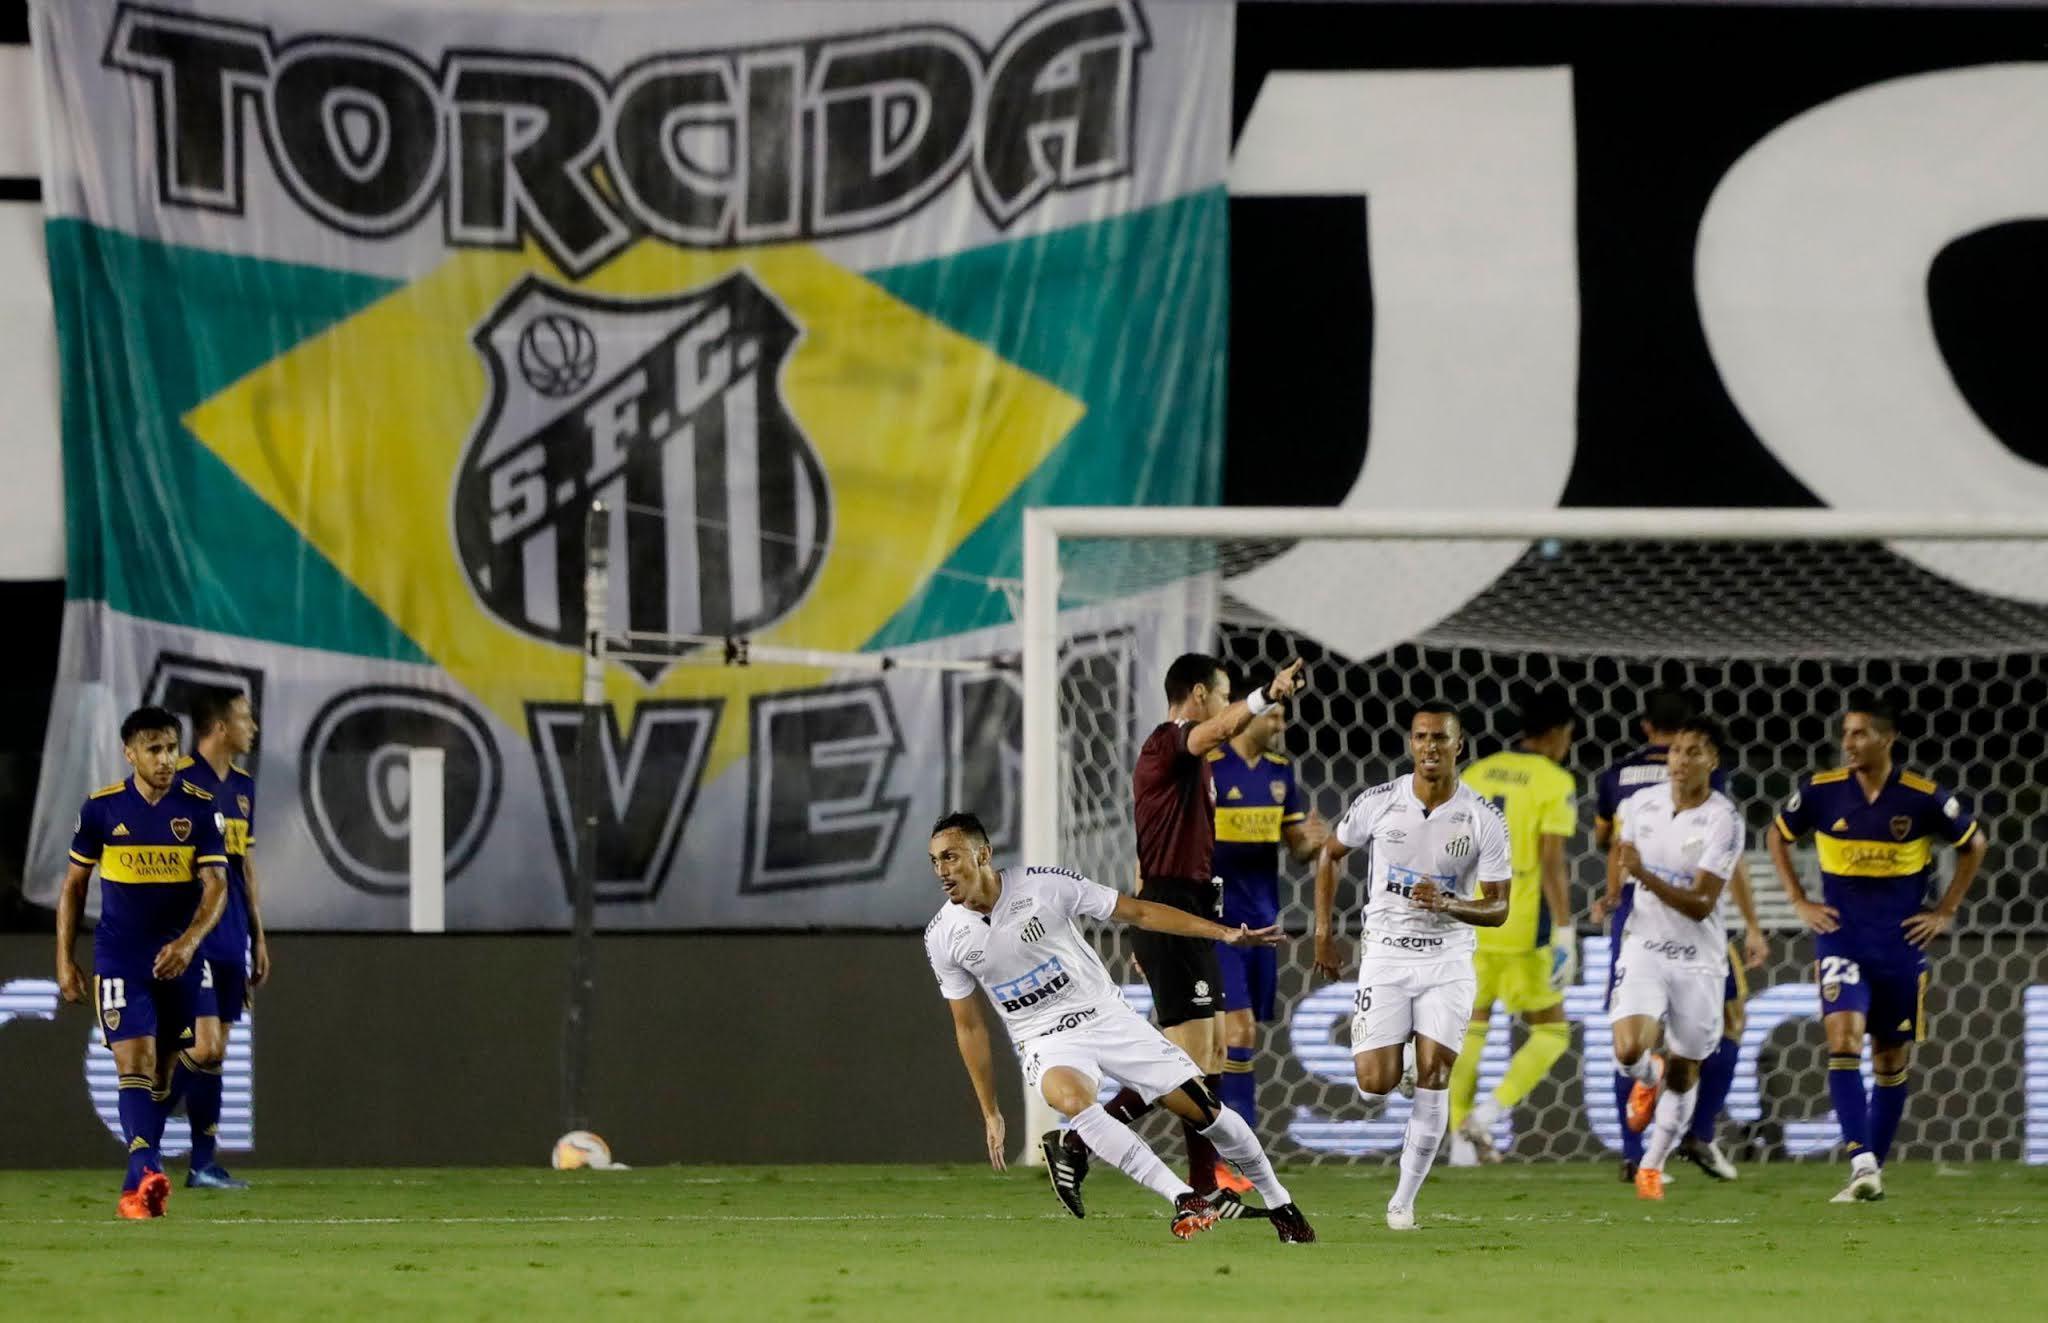 سانتوس البرازيلي يفوز على بوكا جونيورز